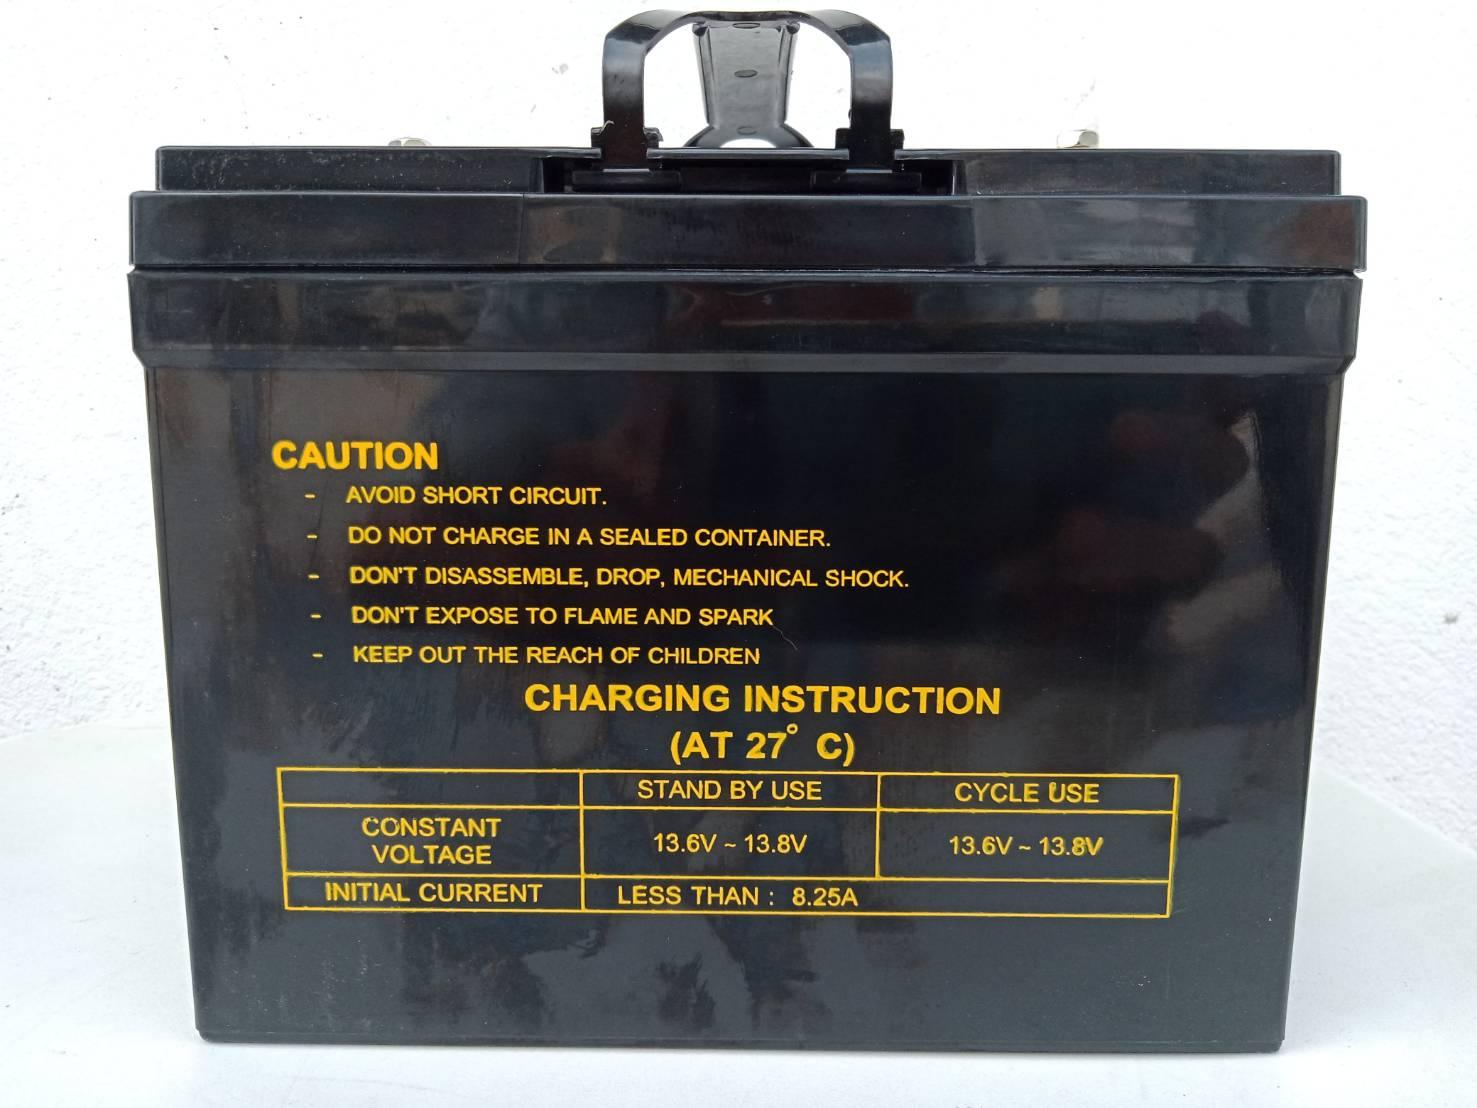 RR แบตเตอร์รี่แห้ง ตะกั่วกรด Lead Acid 12V33Ah สำหรับ มอเตอร์ไซค์ไฟฟ้า สกู๊ตเตอร์ไฟฟ้า